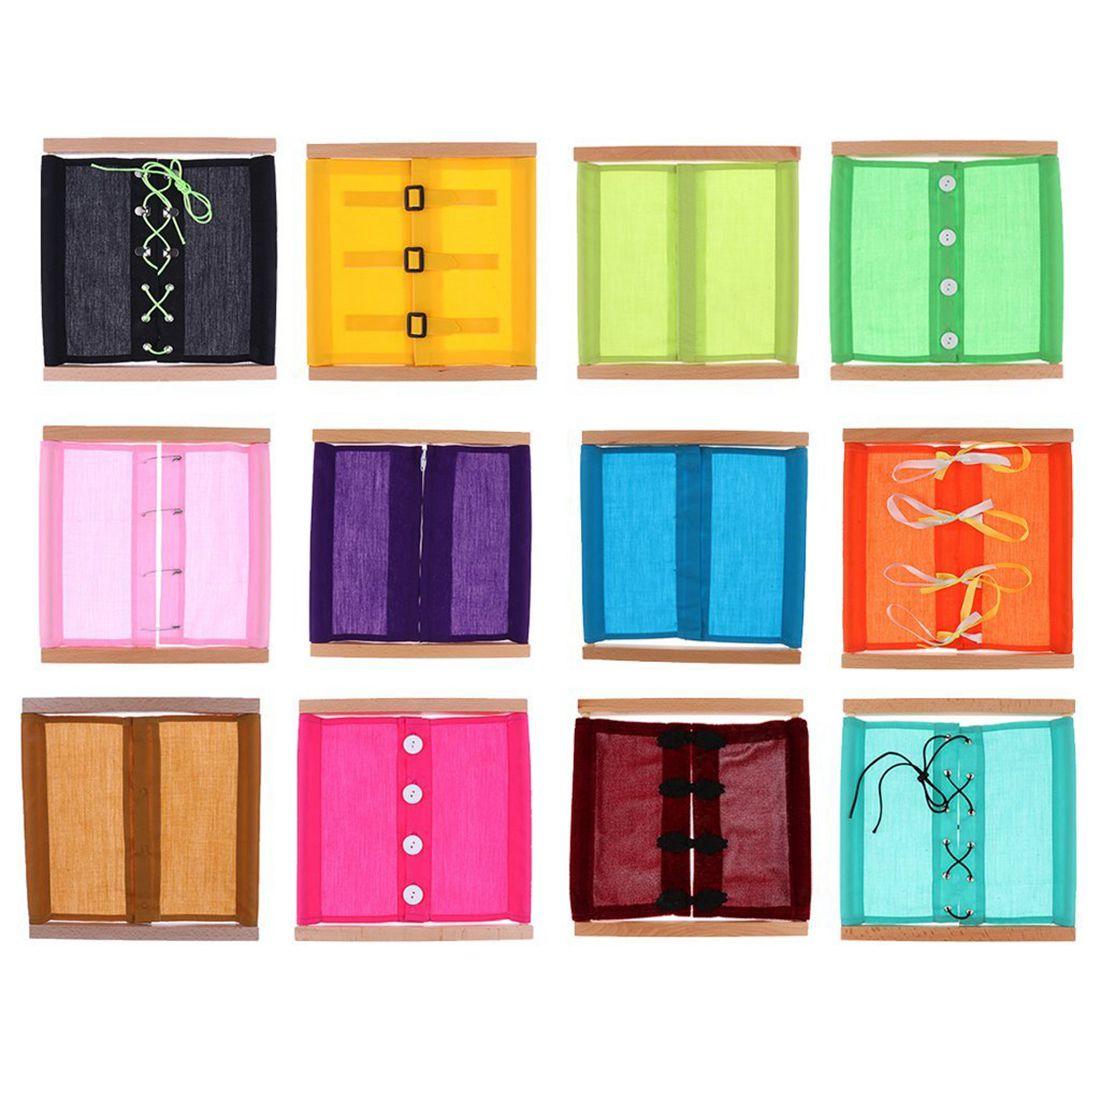 12 pièces Montessori équipement vie pratique éducation préscolaire enfants jouet en bois